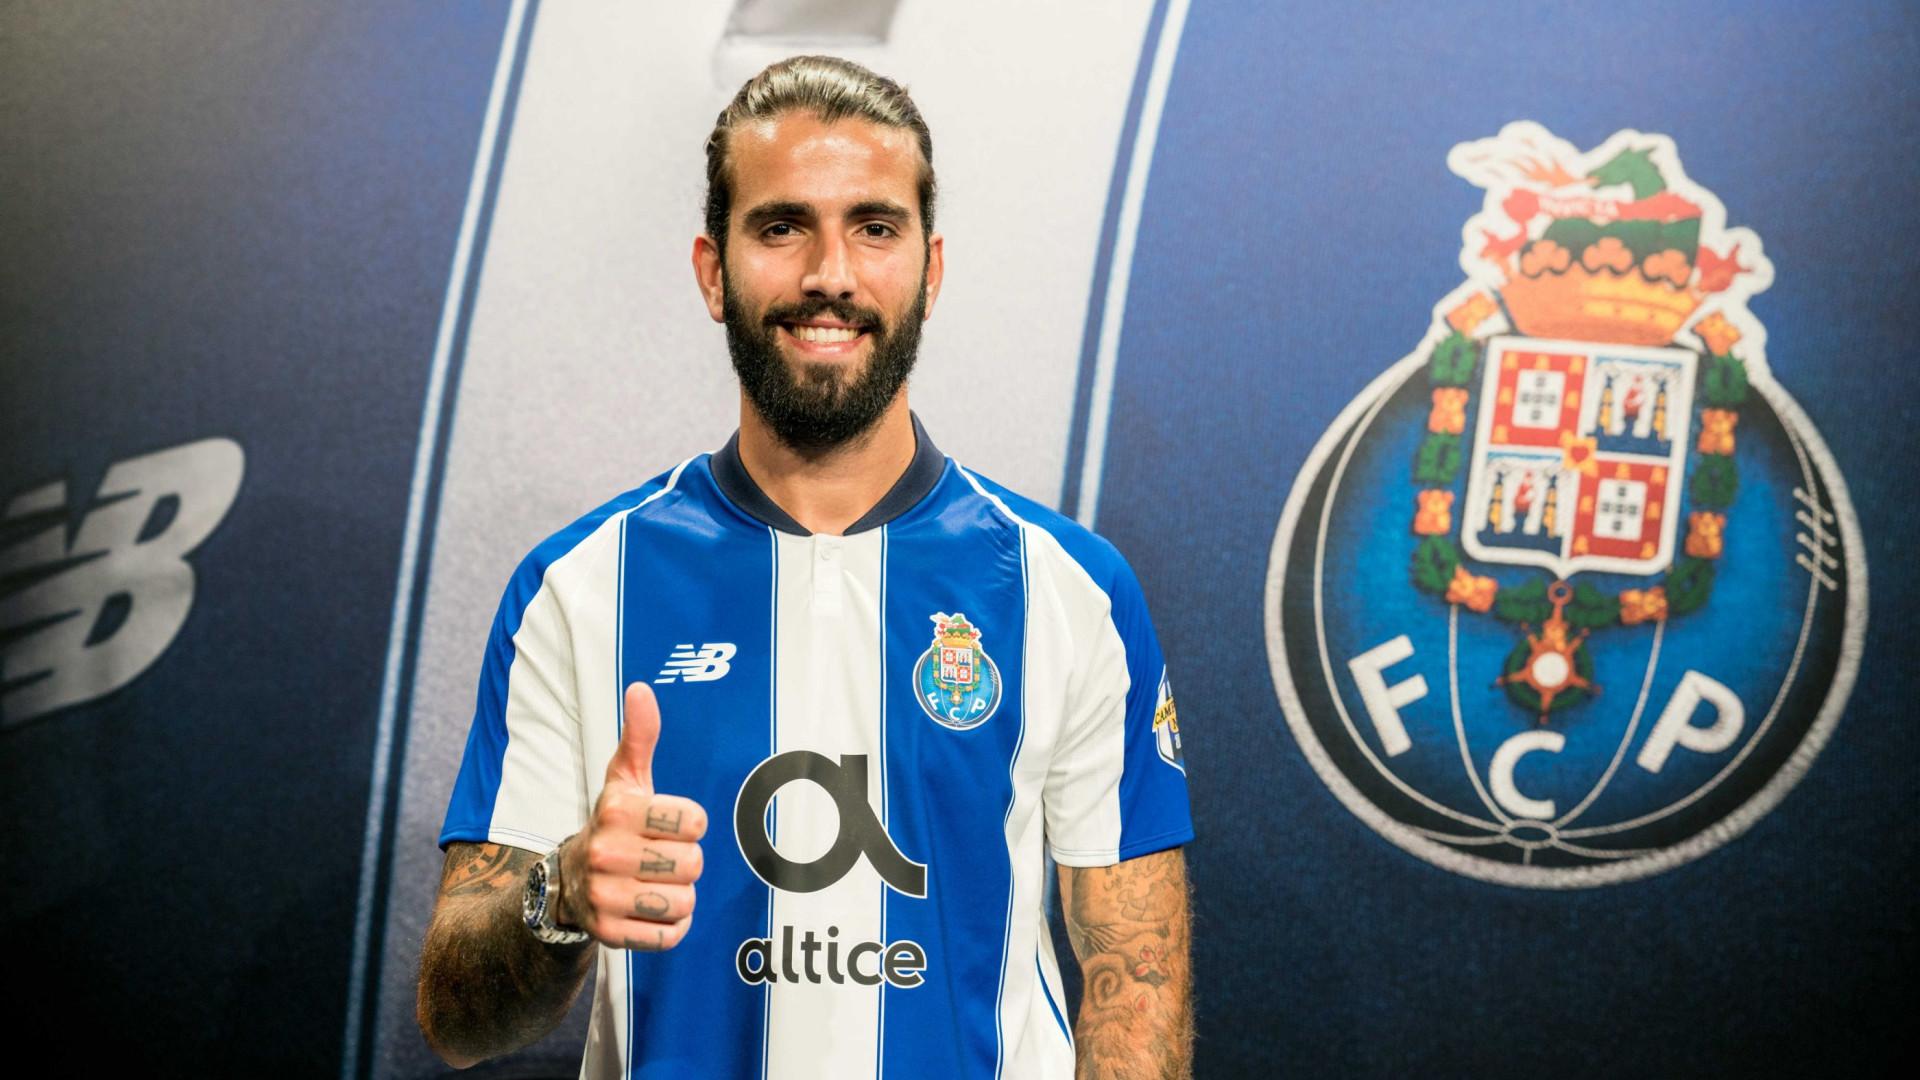 Oficial: FC Porto renova contrato com Sérgio Oliveira